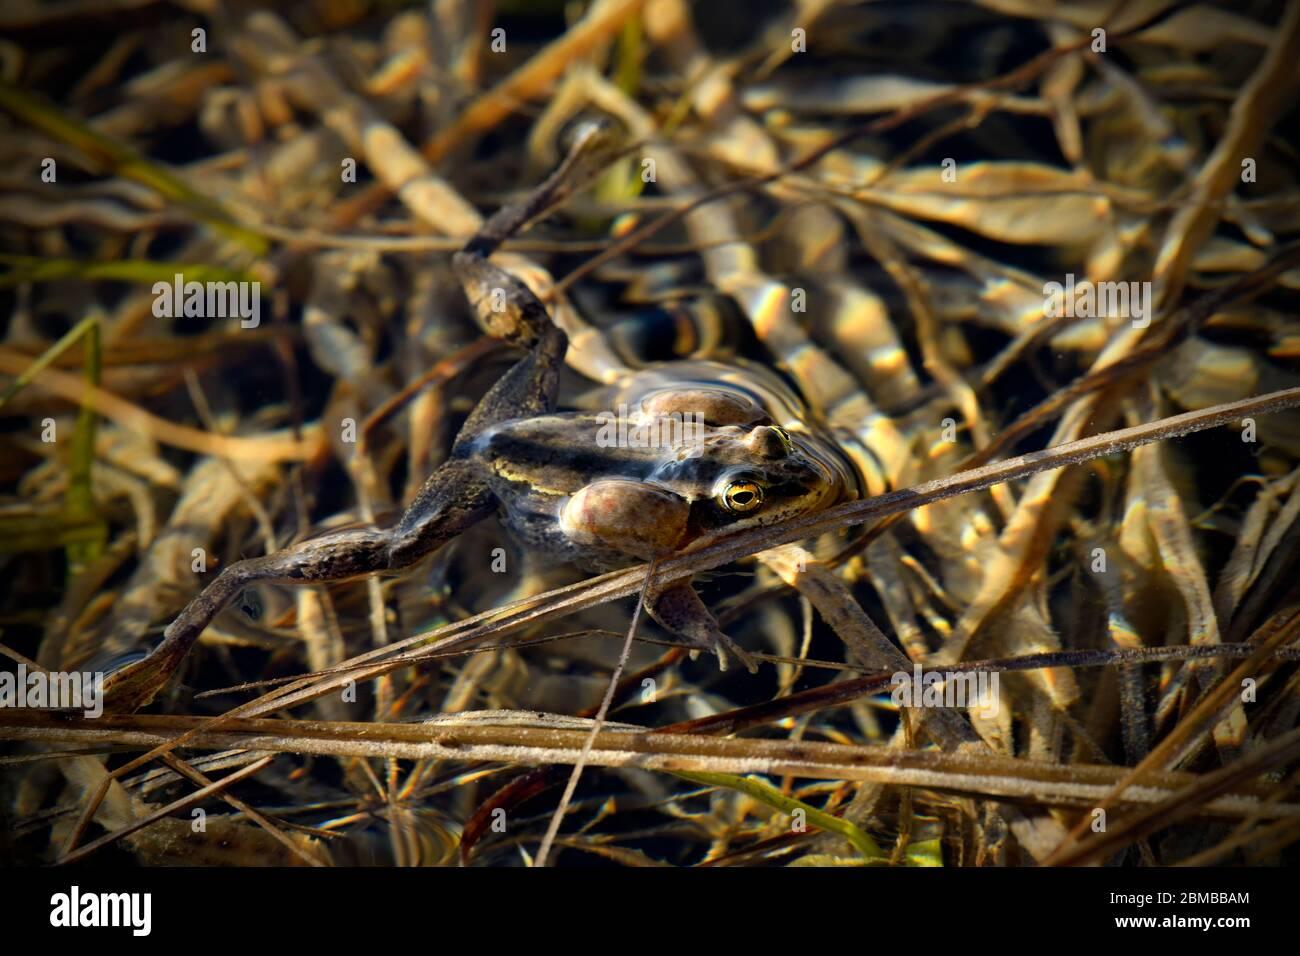 Una rana de madera 'Rana sylvatica'; flotando en aguas poco profundas en su hábitat acuoso durante la temporada de apareamiento de primavera siendo vocal para atraer a un compañero en el campo Foto de stock